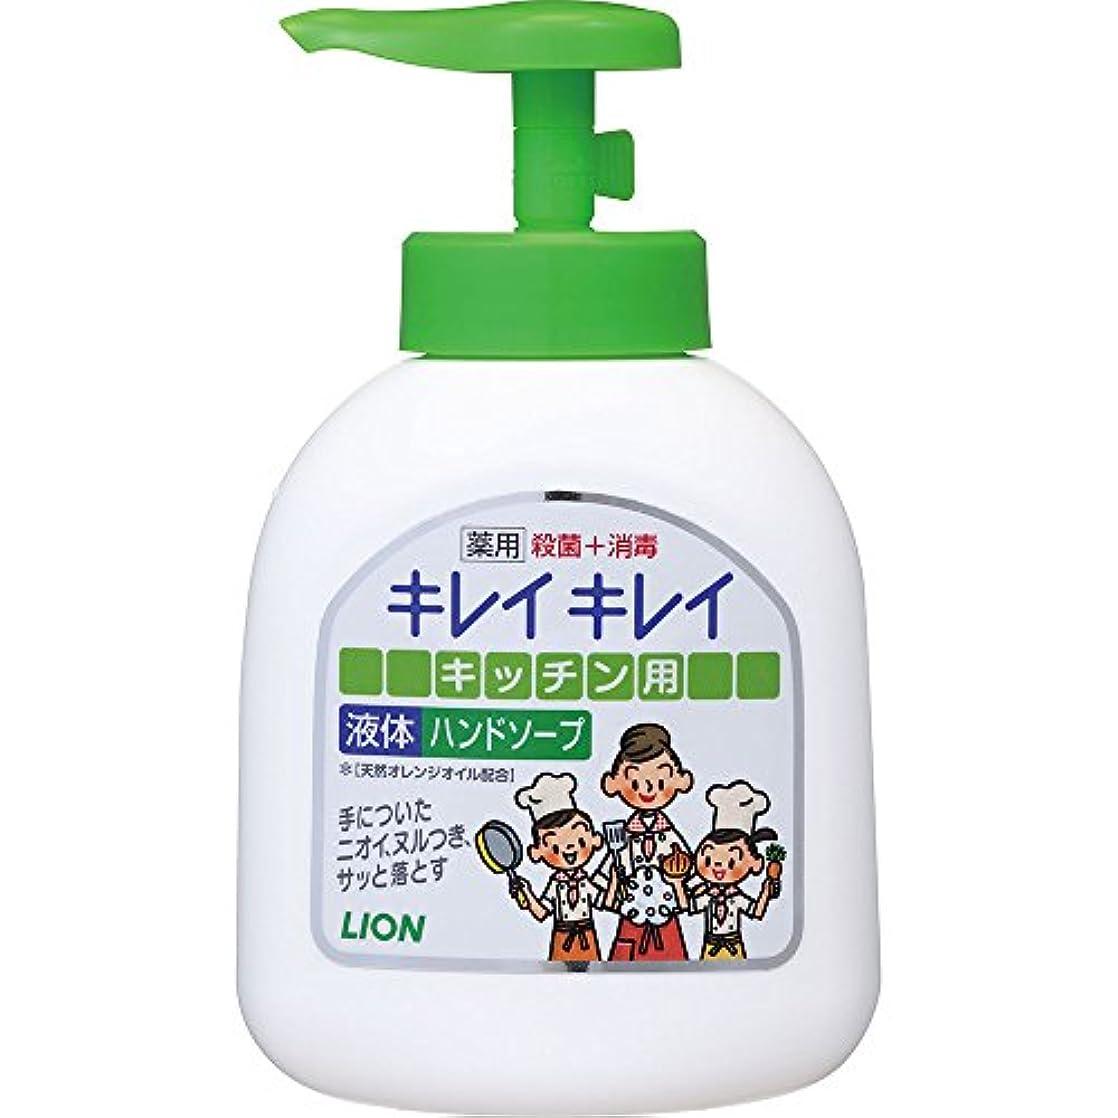 ネズミモンスターグレートオークキレイキレイ 薬用 キッチンハンドソープ 本体ポンプ 250ml (医薬部外品)